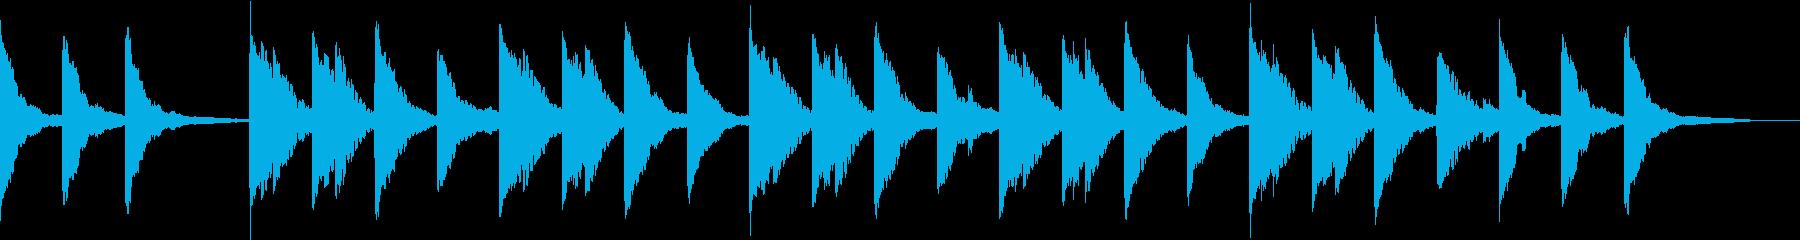 劇伴/切ない/静かの再生済みの波形